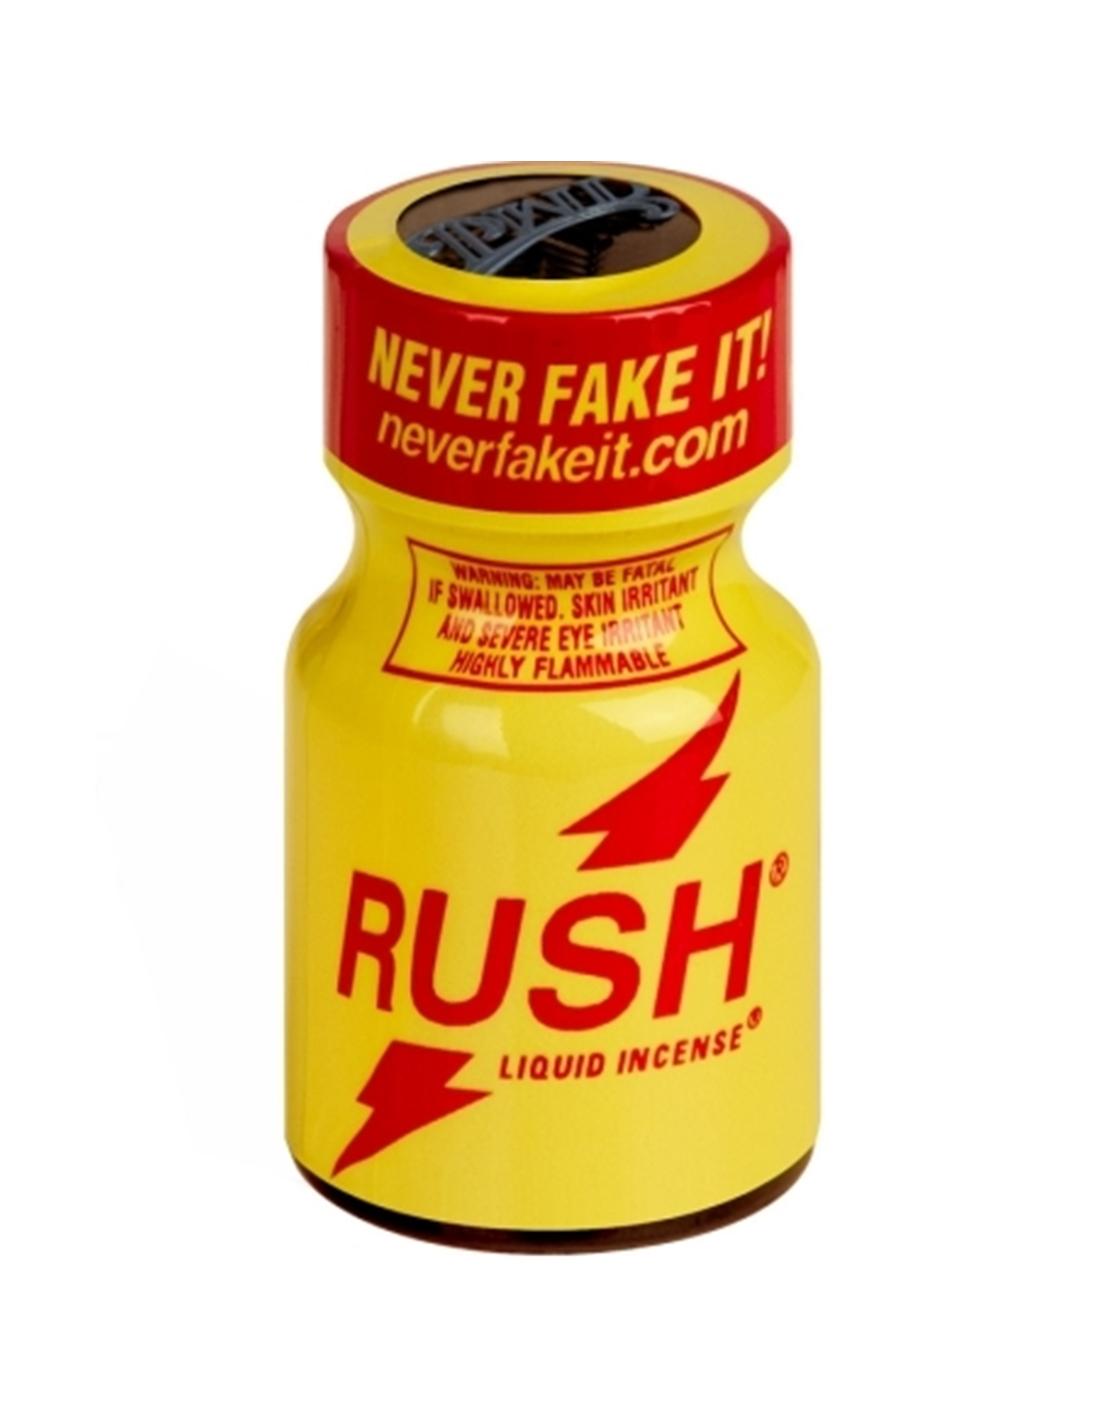 Rush Pwd 9ml - PR2010318607